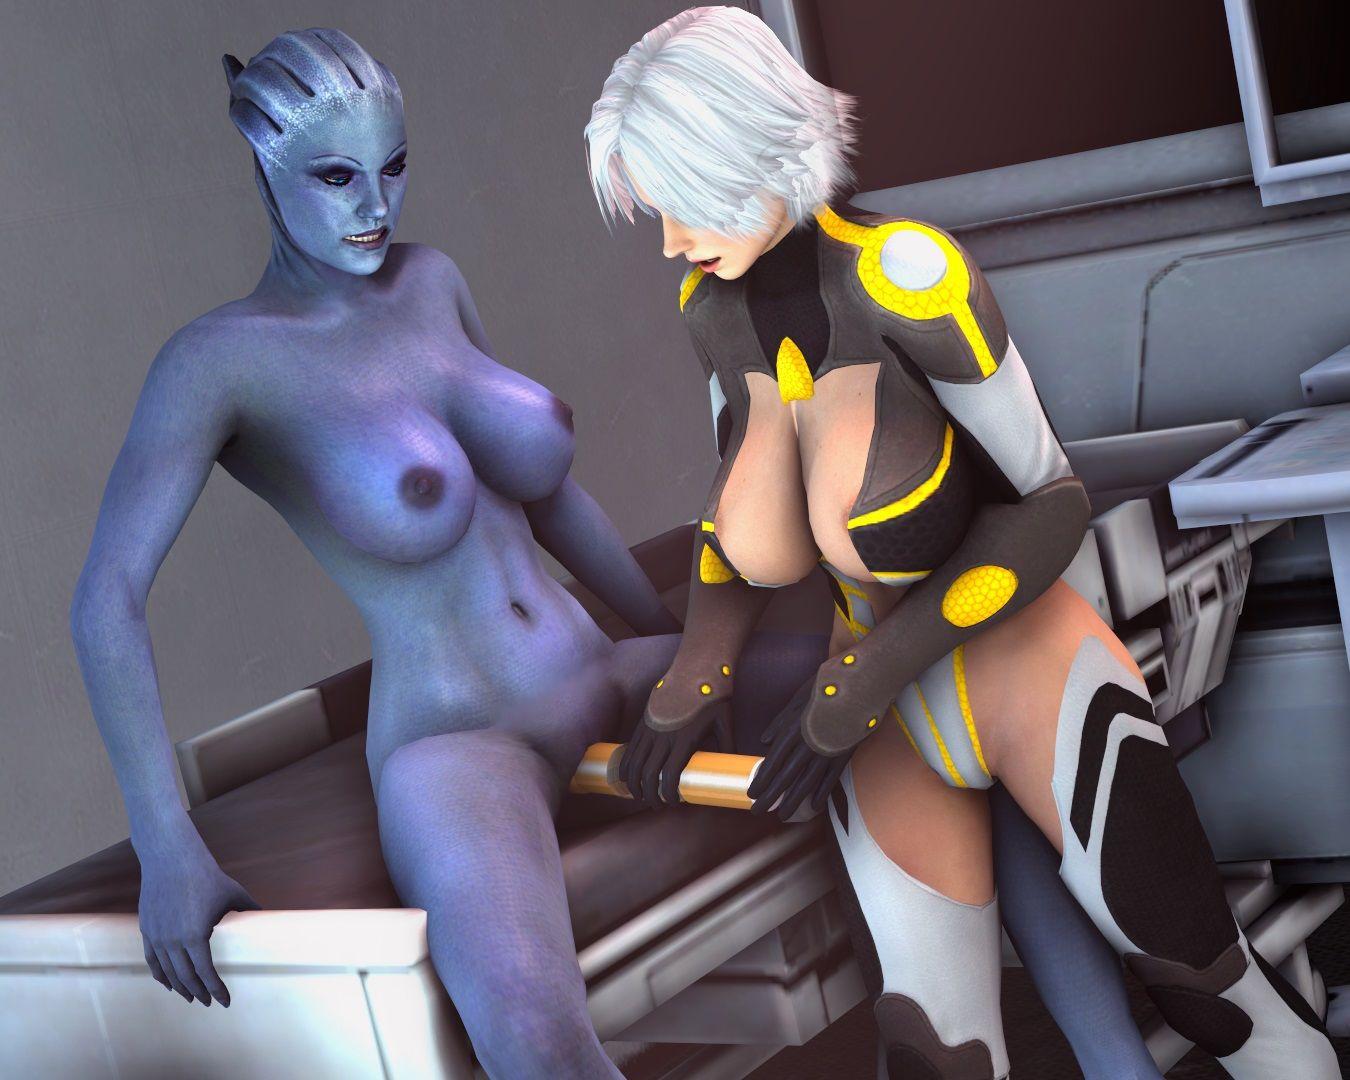 Liara_X-Mass_Gifts!_Ladychi_(Mass_Effect) comix_58058.jpg